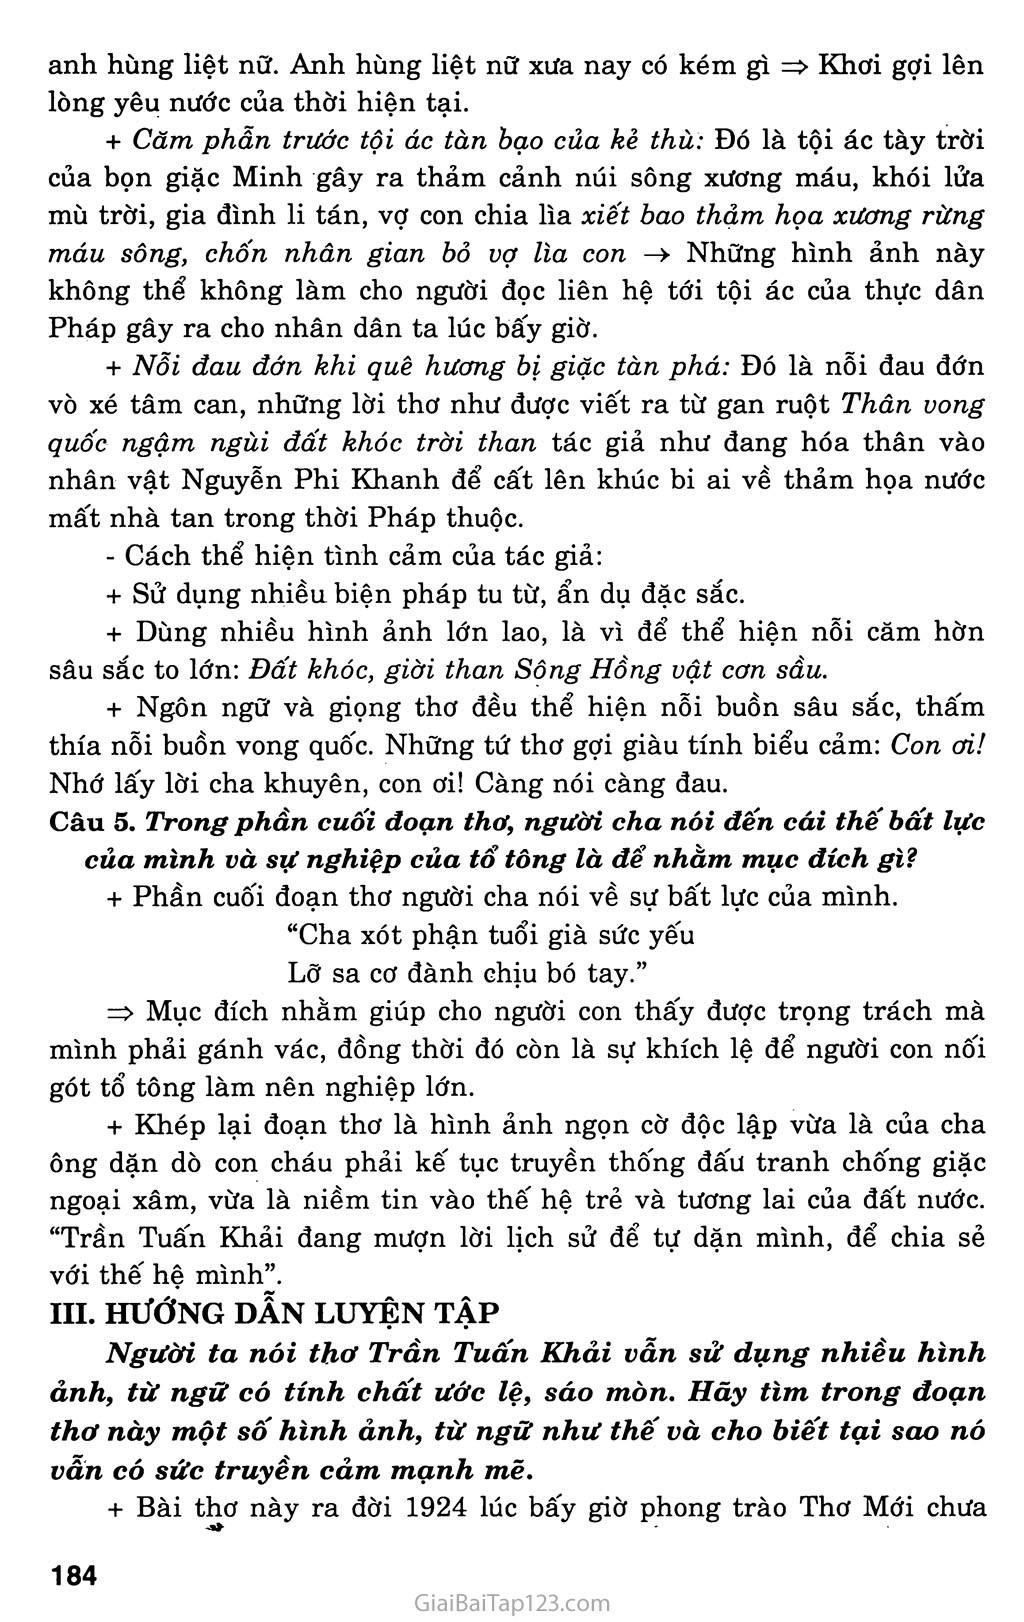 Hai chữ nước nhà (trích) trang 3